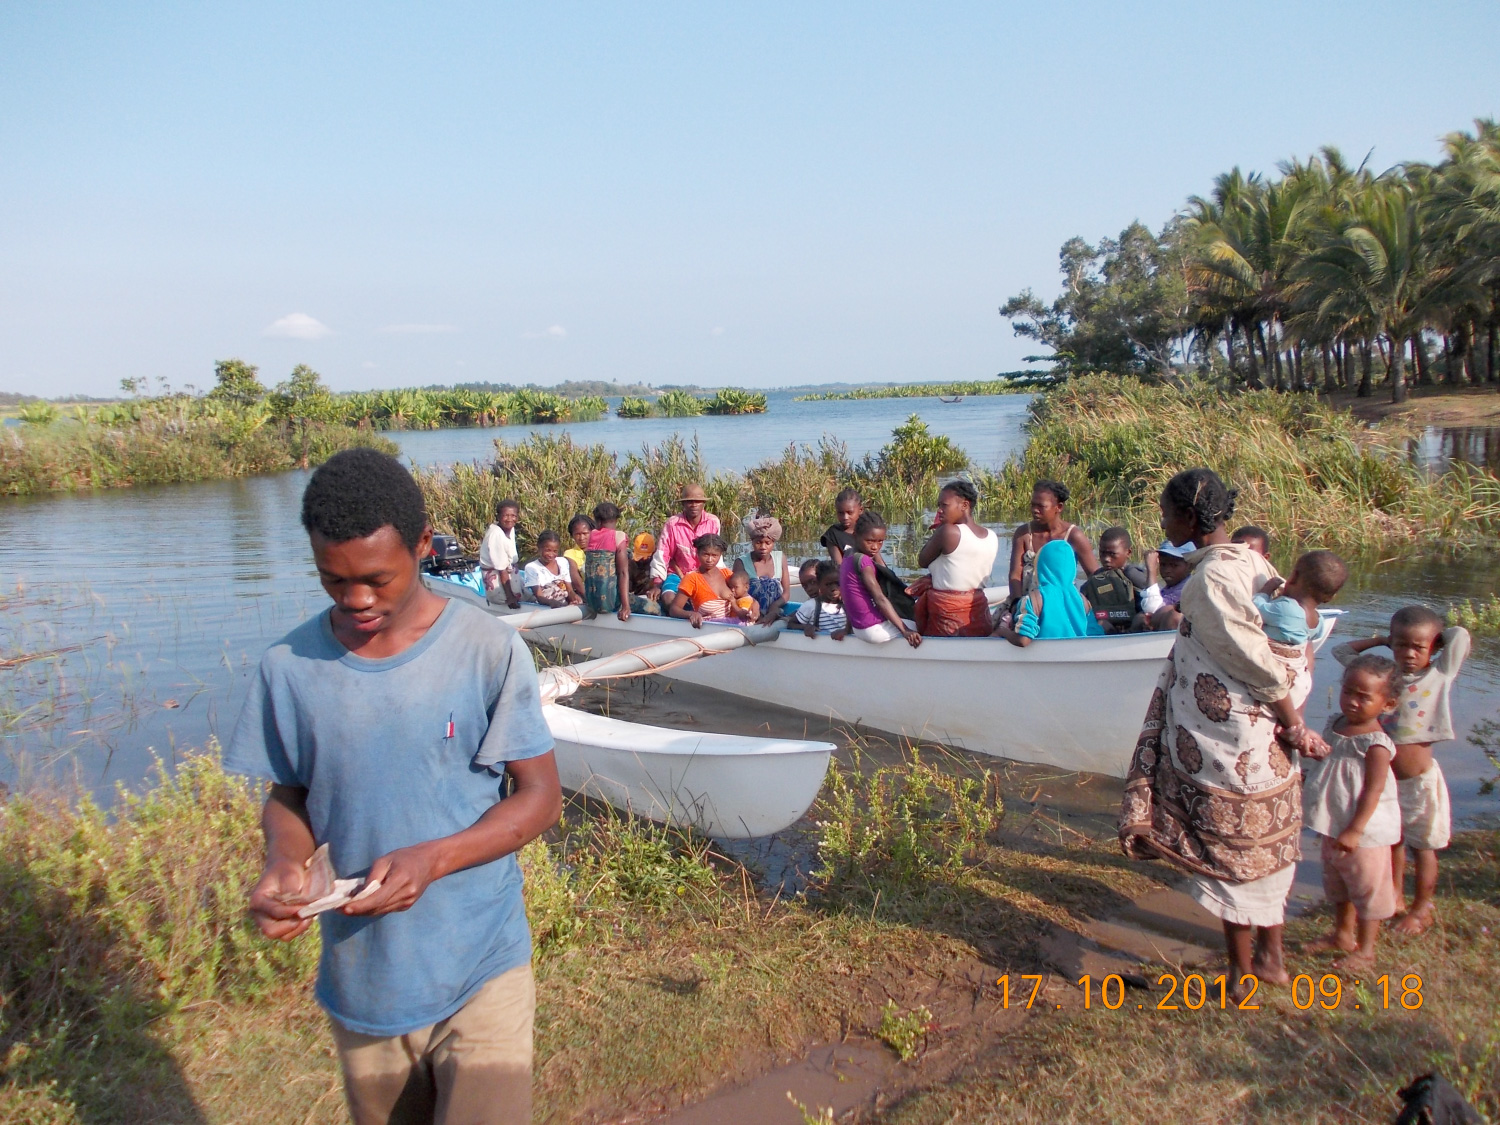 Le-bateau-aidedufa-2012